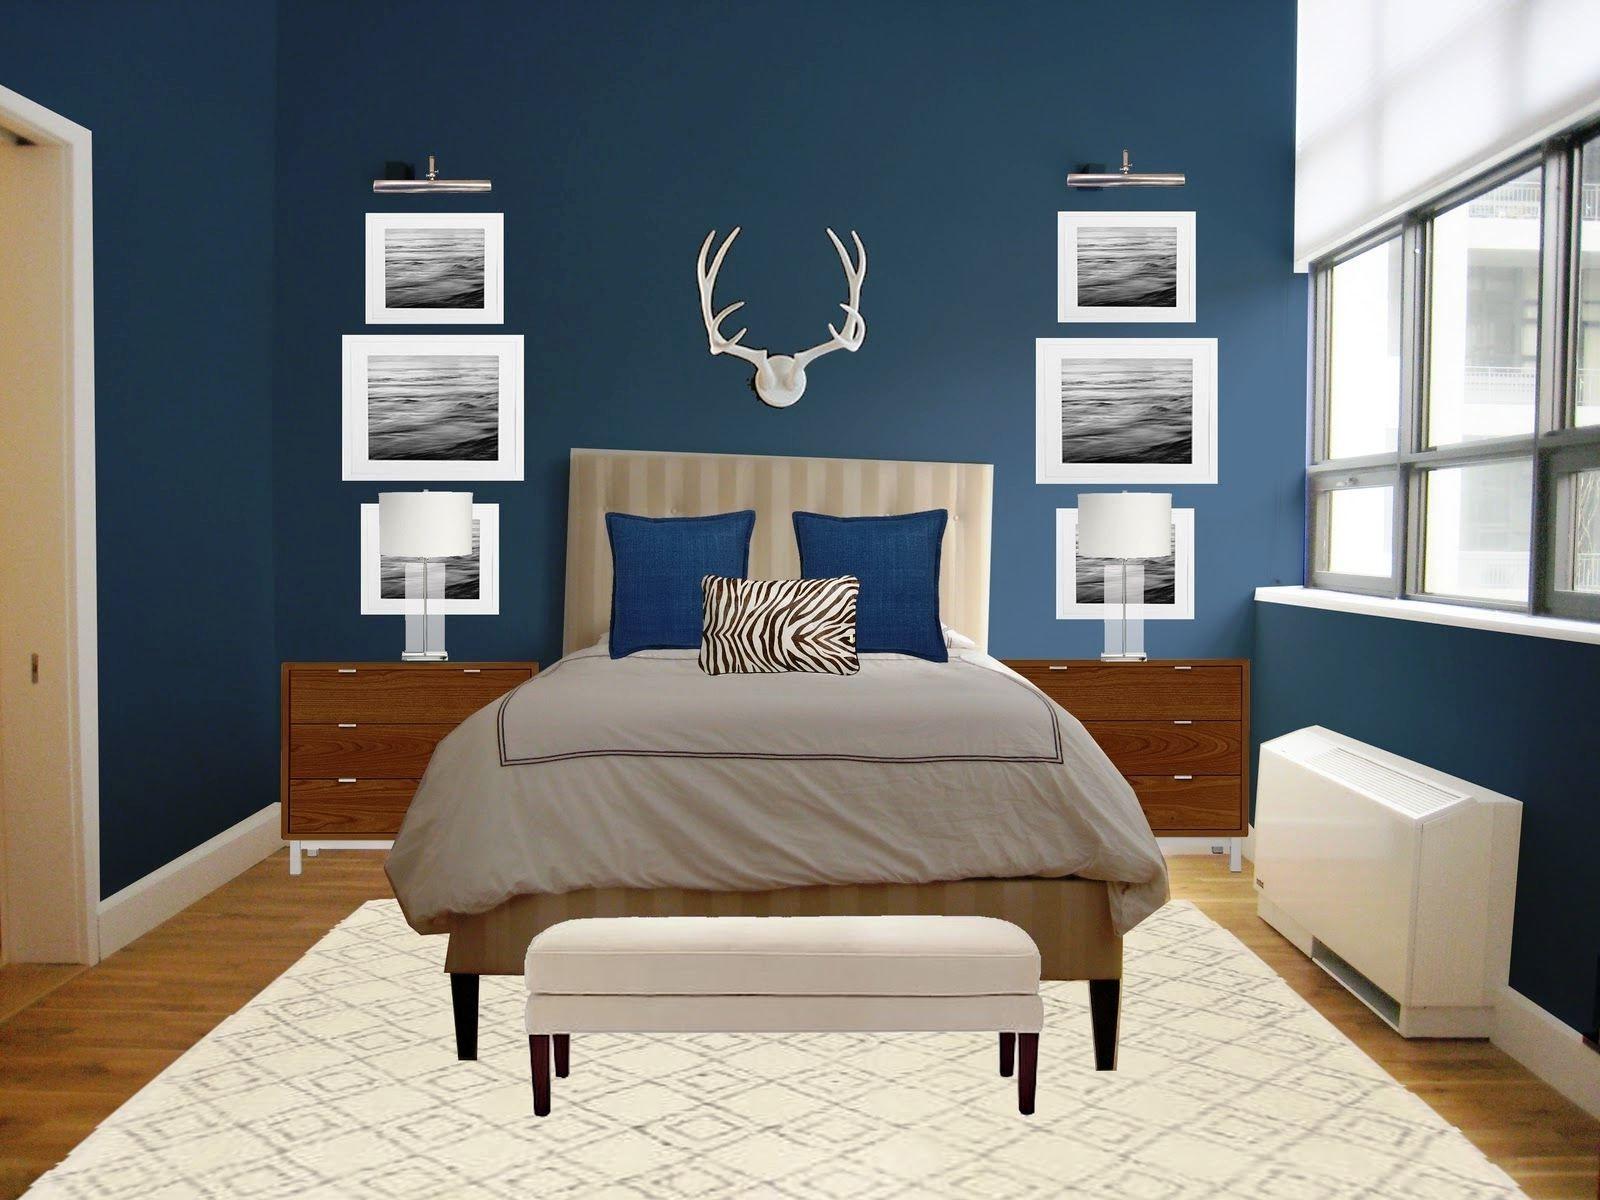 Wall Art Ideen Für Wohnzimmer Einfache Anstrich Entwürfe